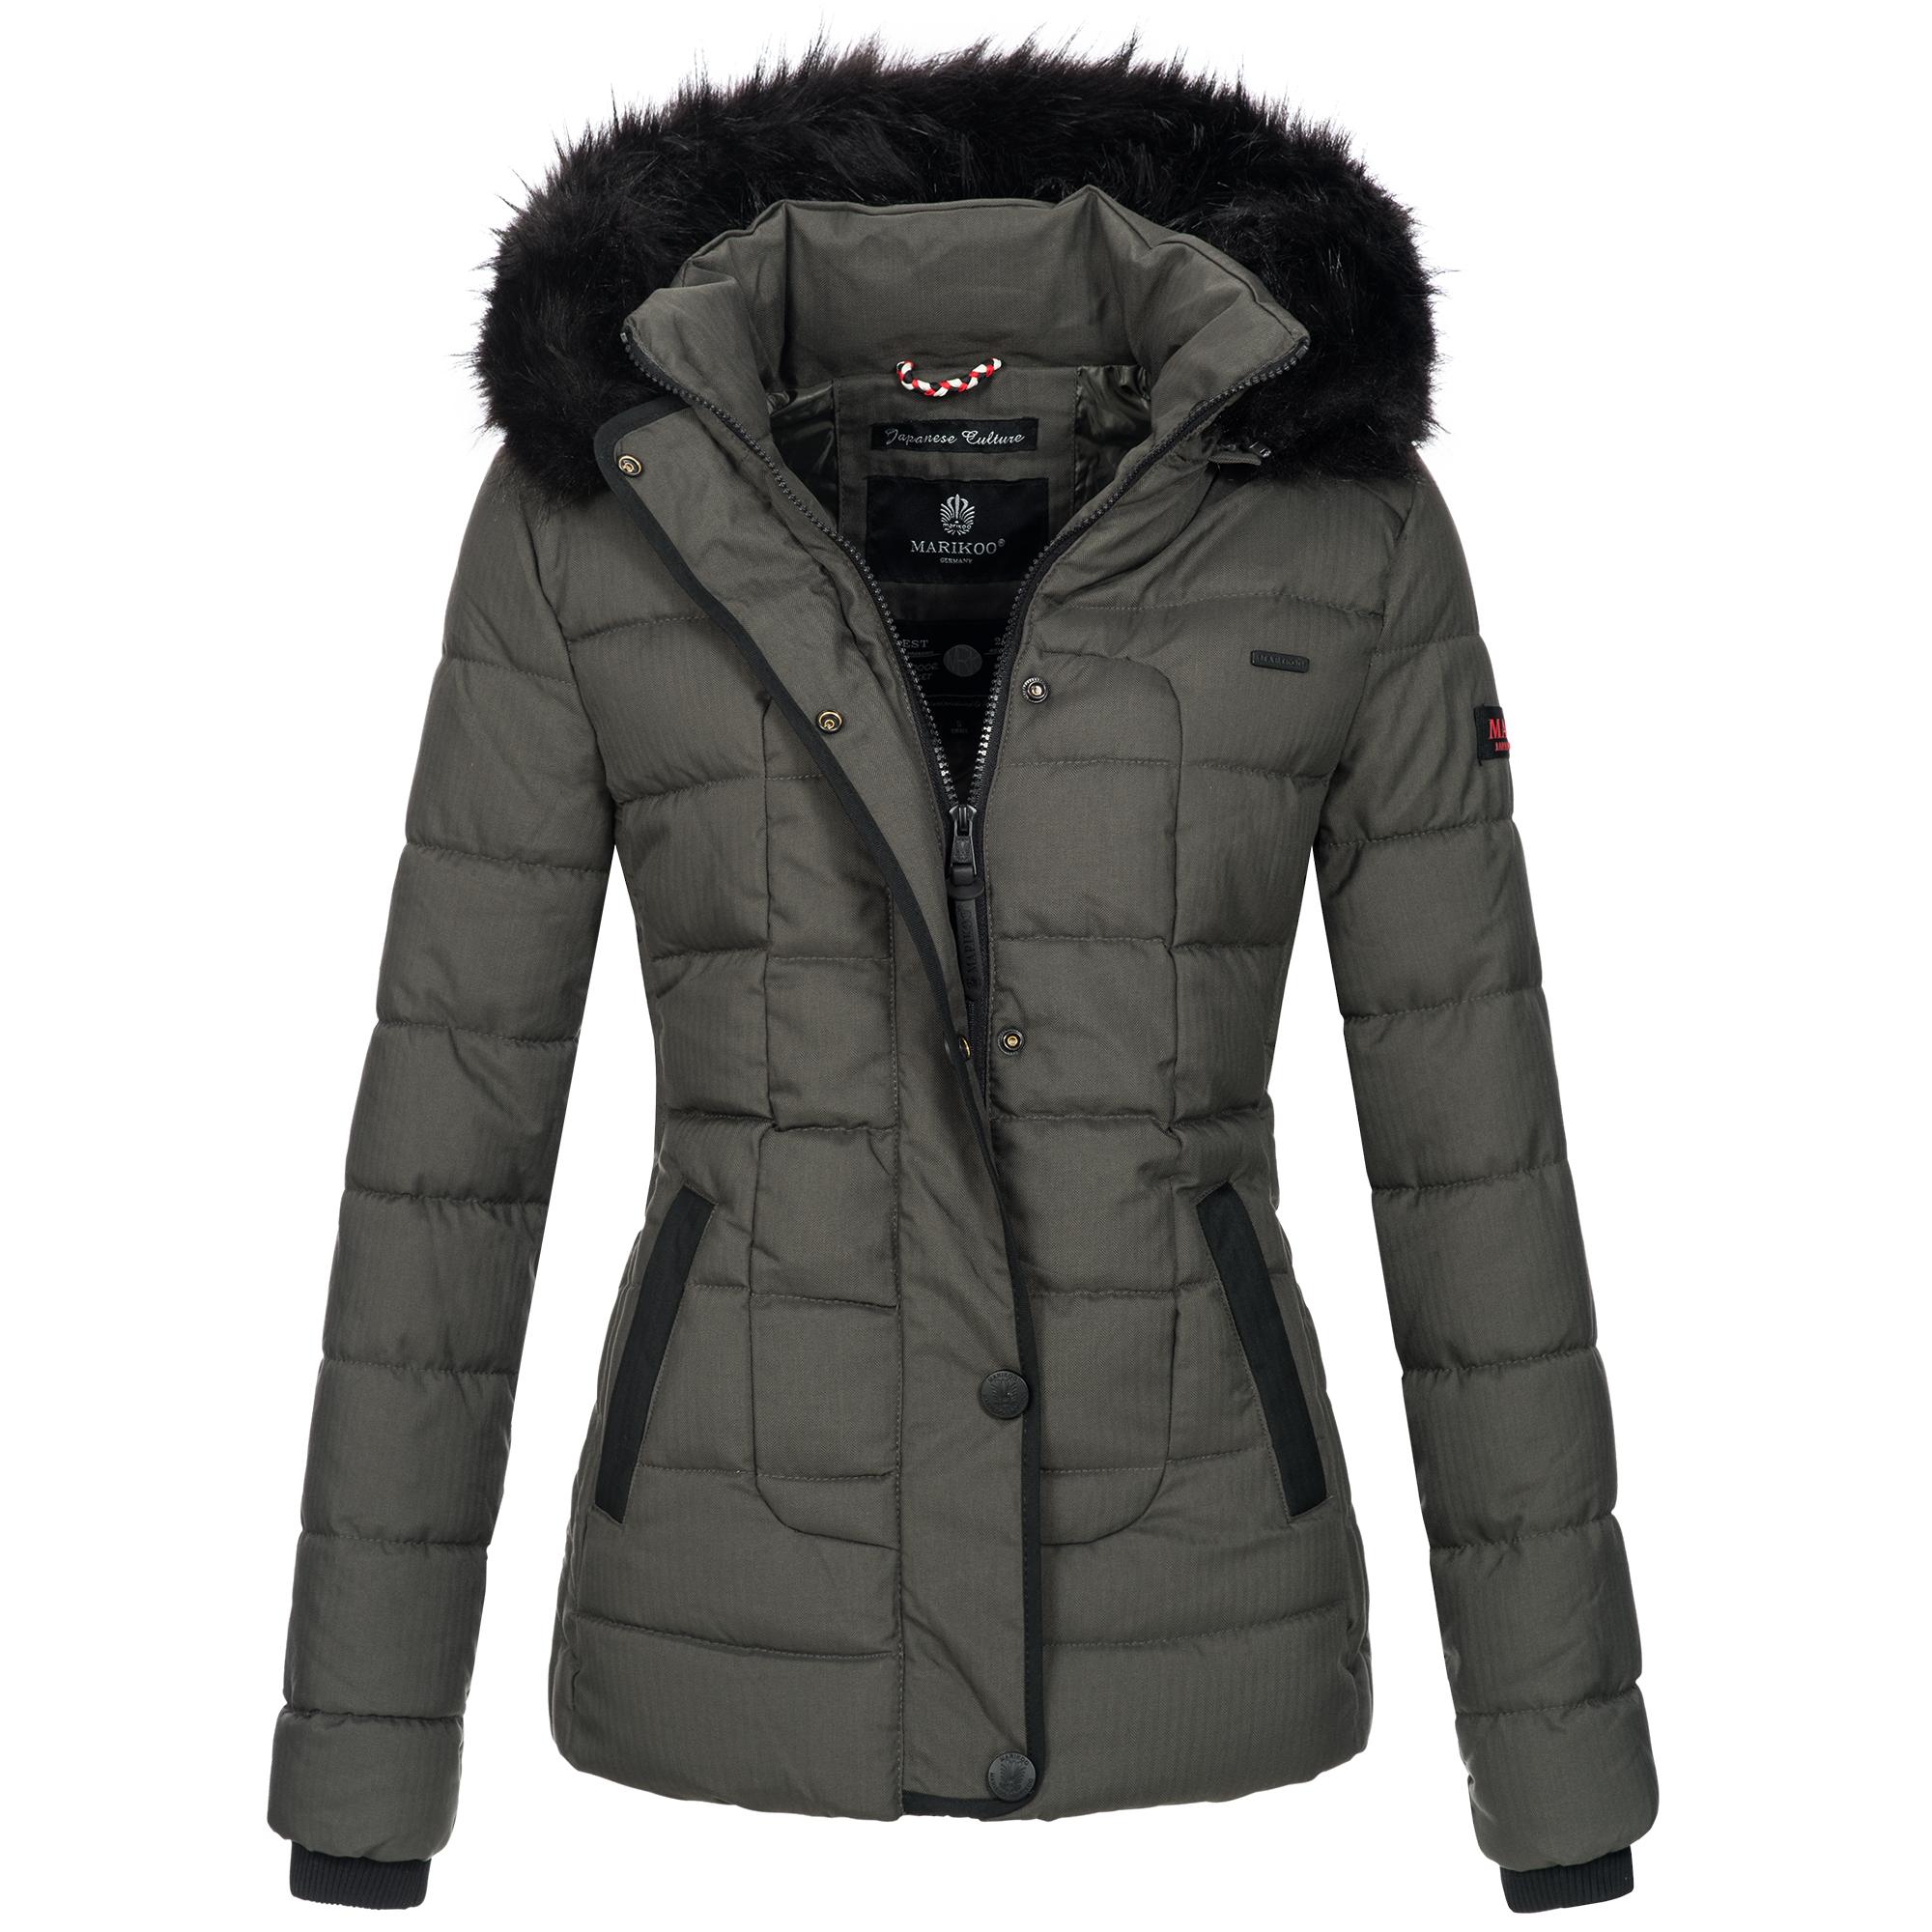 Marikoo warme Damen Winter Jacke Steppjacke Winterjacke ...